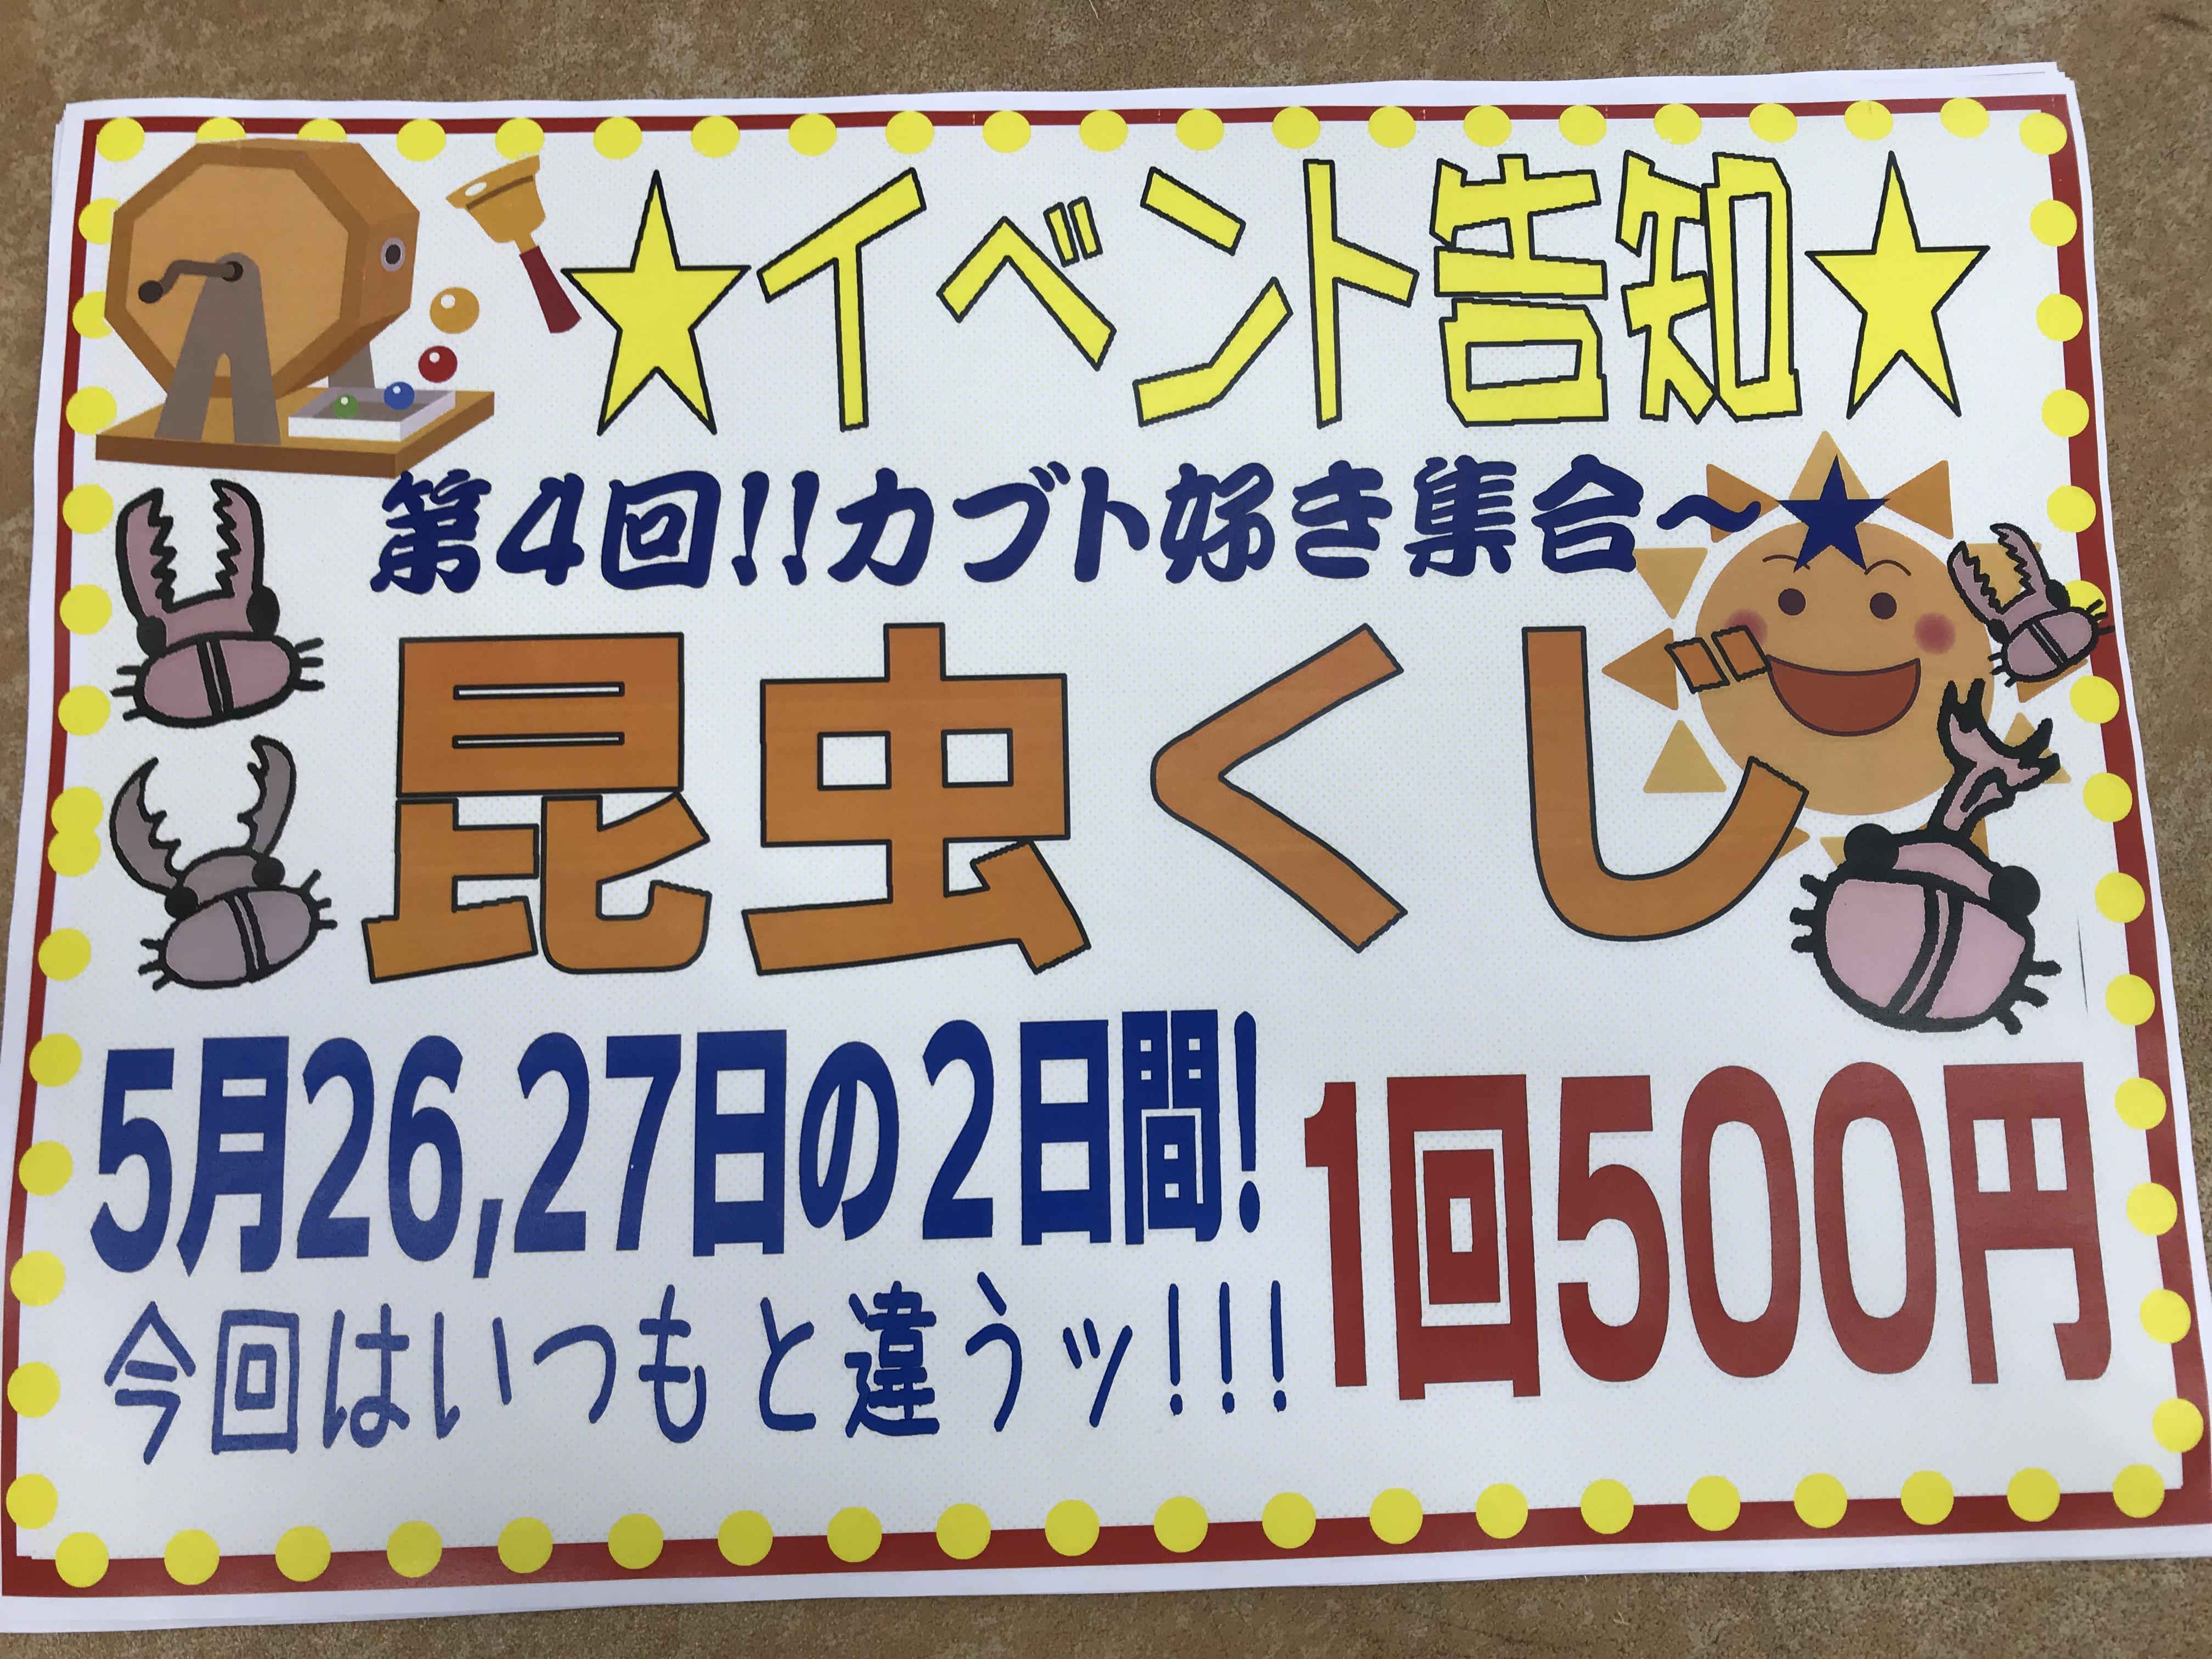 【インター小動物】日曜日ラスト!激アツ過激な昆虫くじを回しましょう!(^^)!